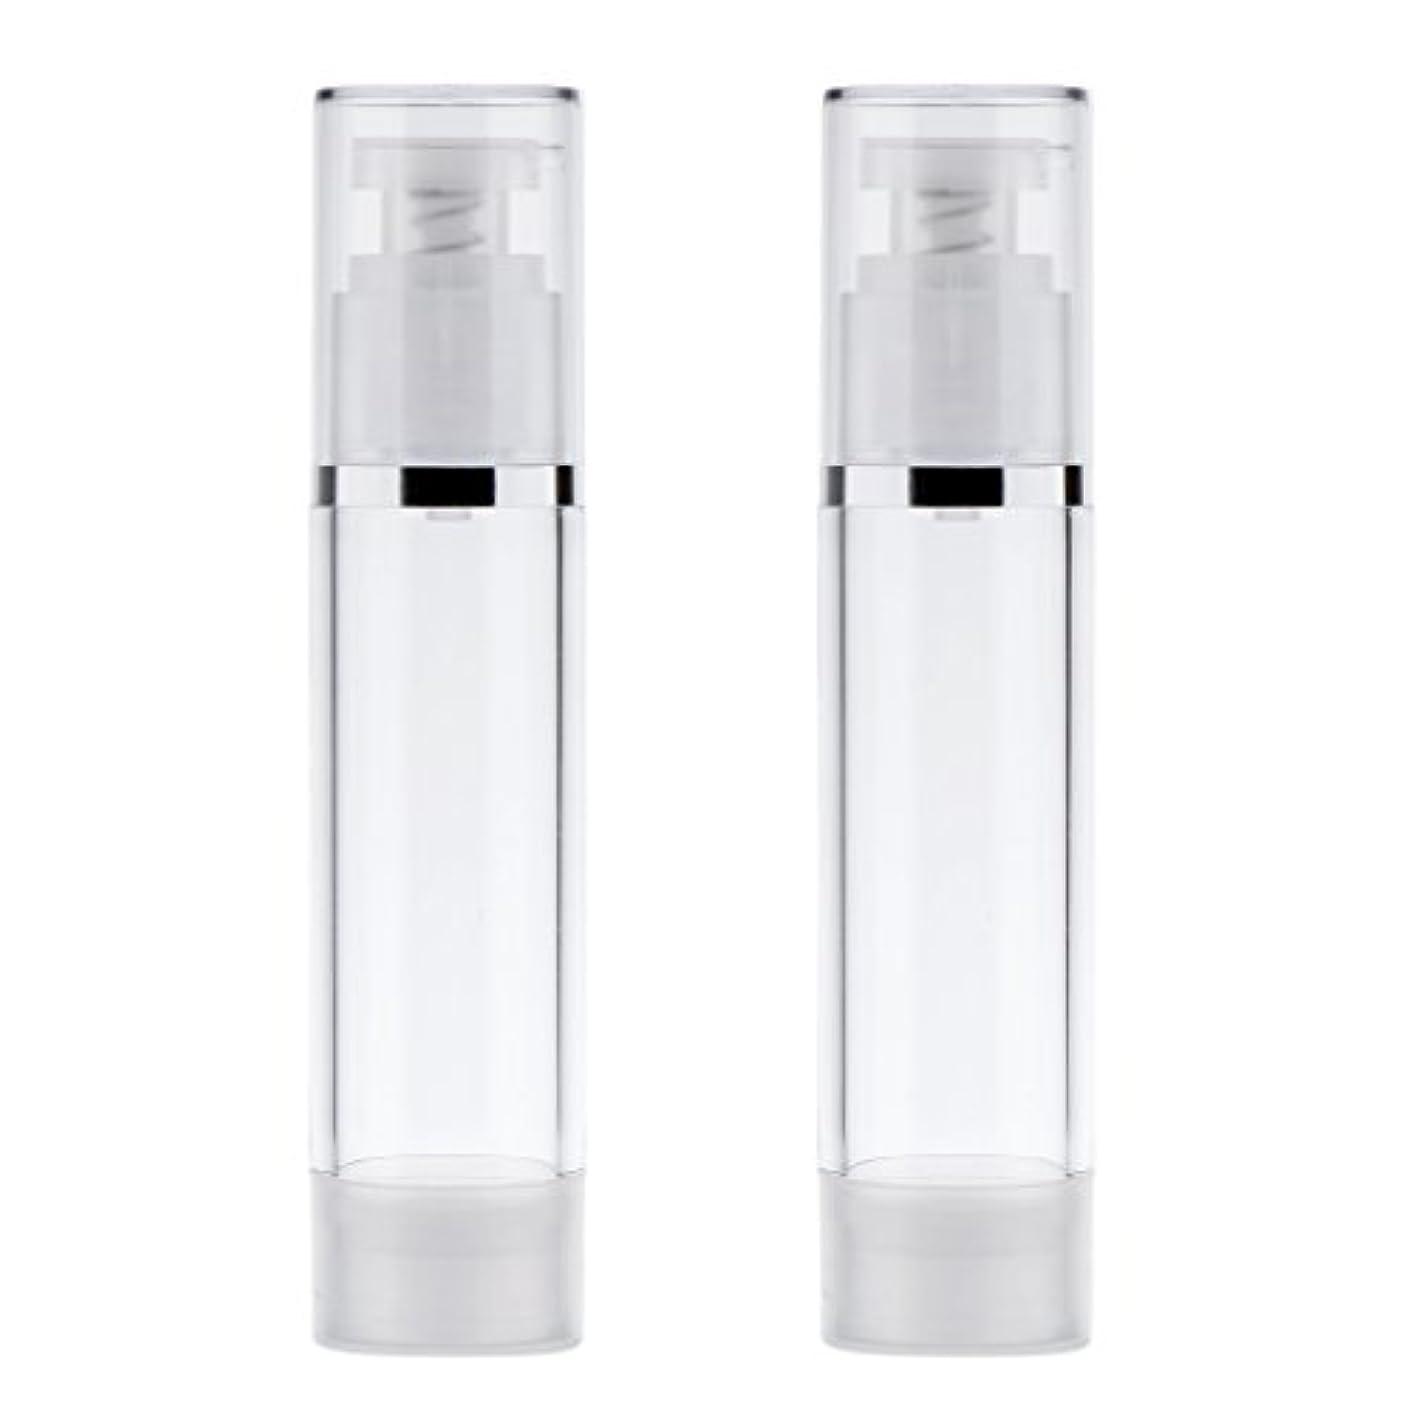 できればクラス不承認Blesiya 2個 ポンプボトル ディスペンサー 詰め替え可 化粧品 クリーム ローション ポンプチューブ エアレスボトル 収納用 容器 3サイズ選べる - 50ml